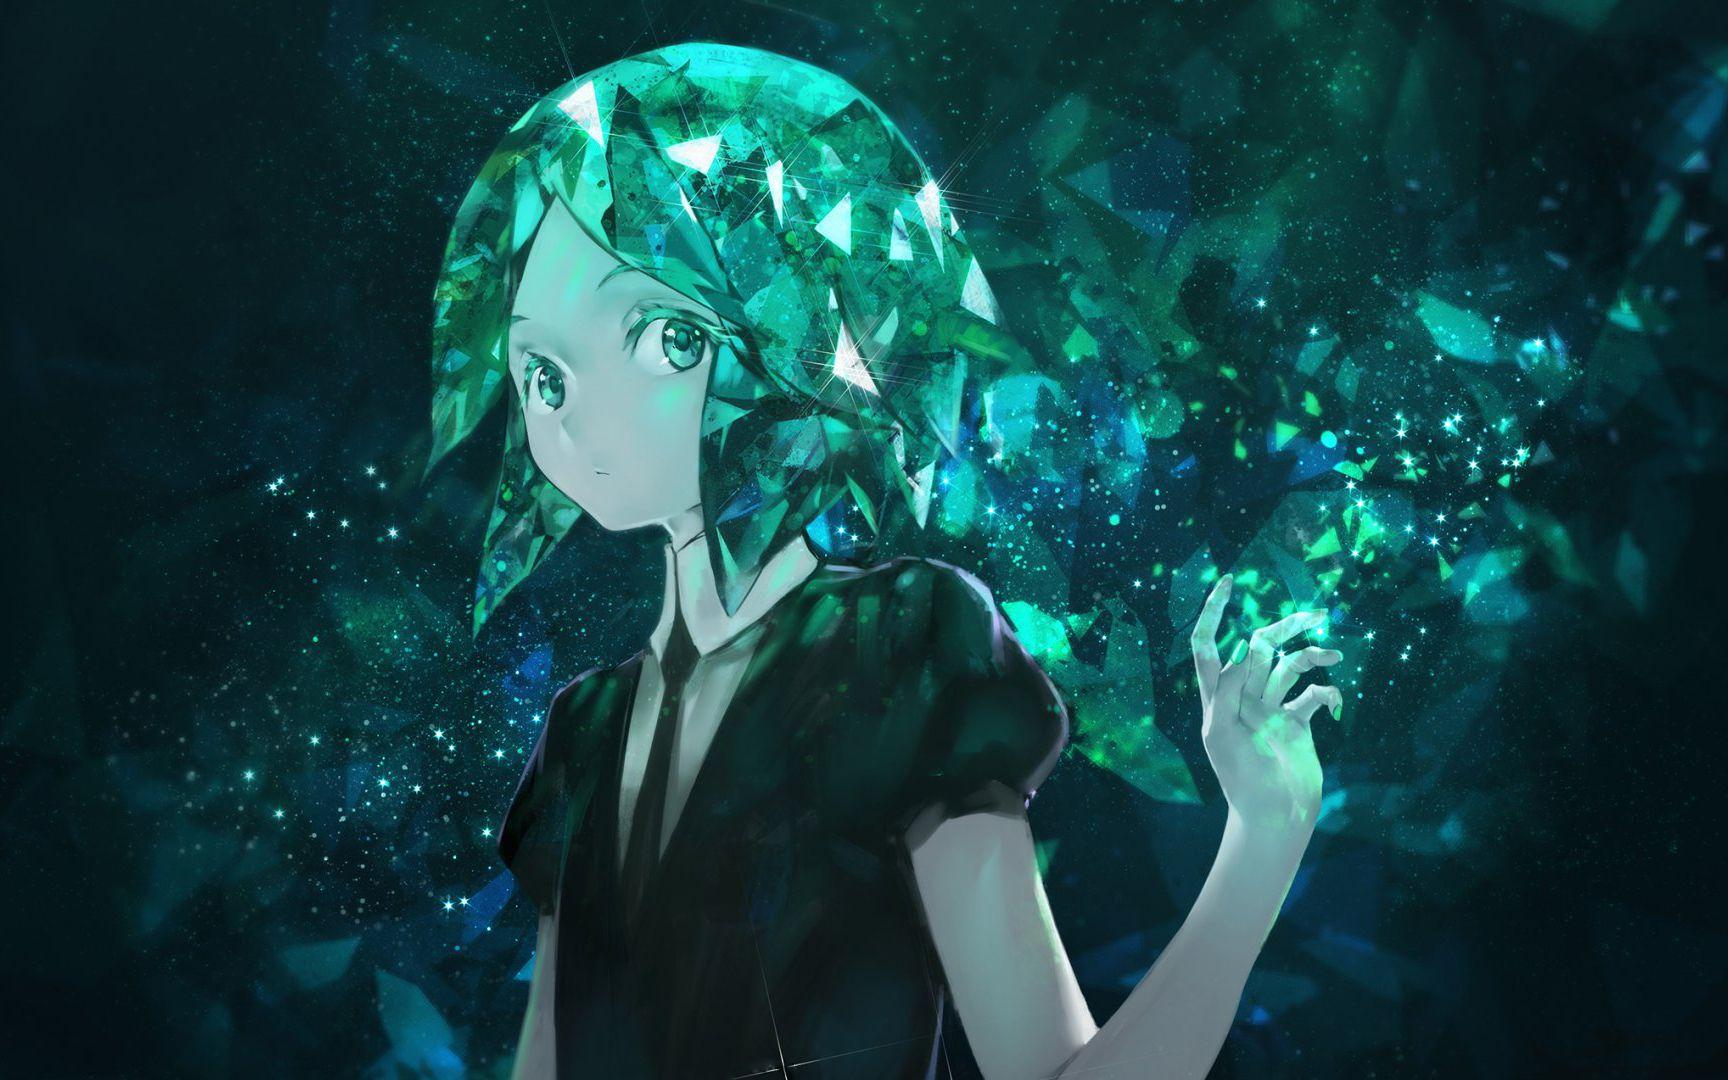 稀有且治愈的蓝绿色宝石1.jpg